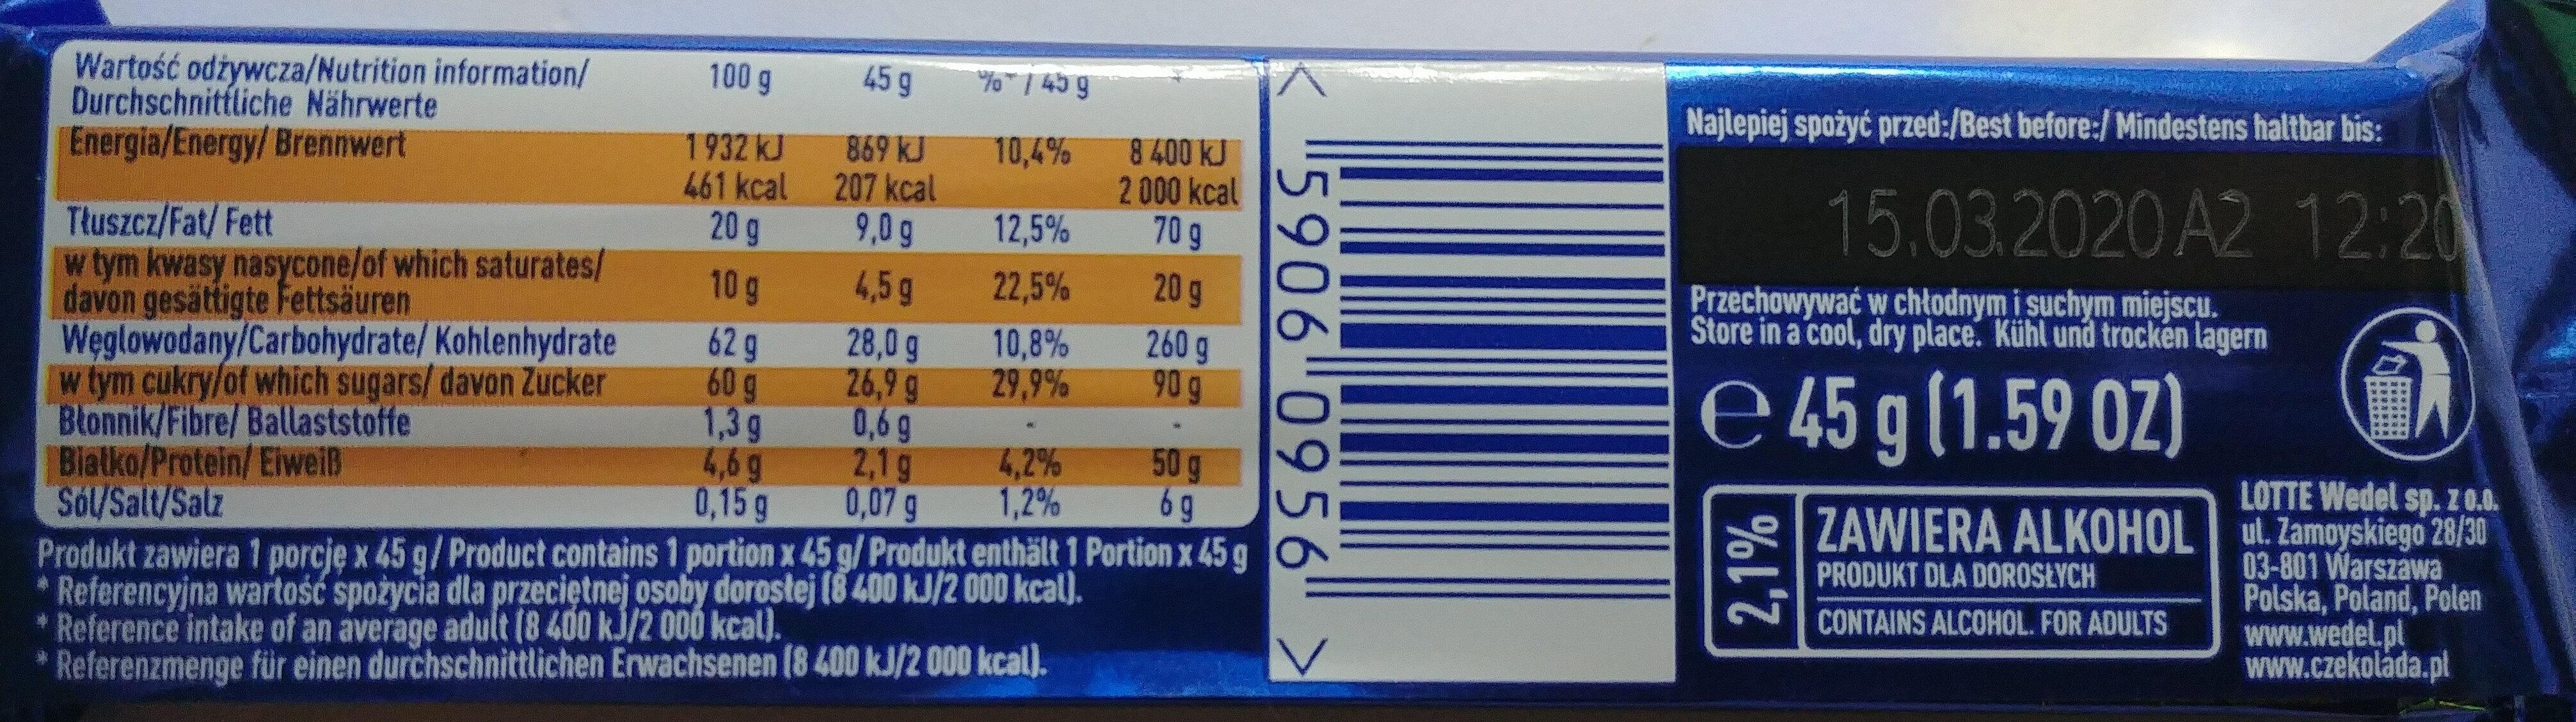 Batonik z nadzieniem o smaku caffe latte w mlecznej czekoladzie (z dodatkiem alkoholu). - Nutrition facts